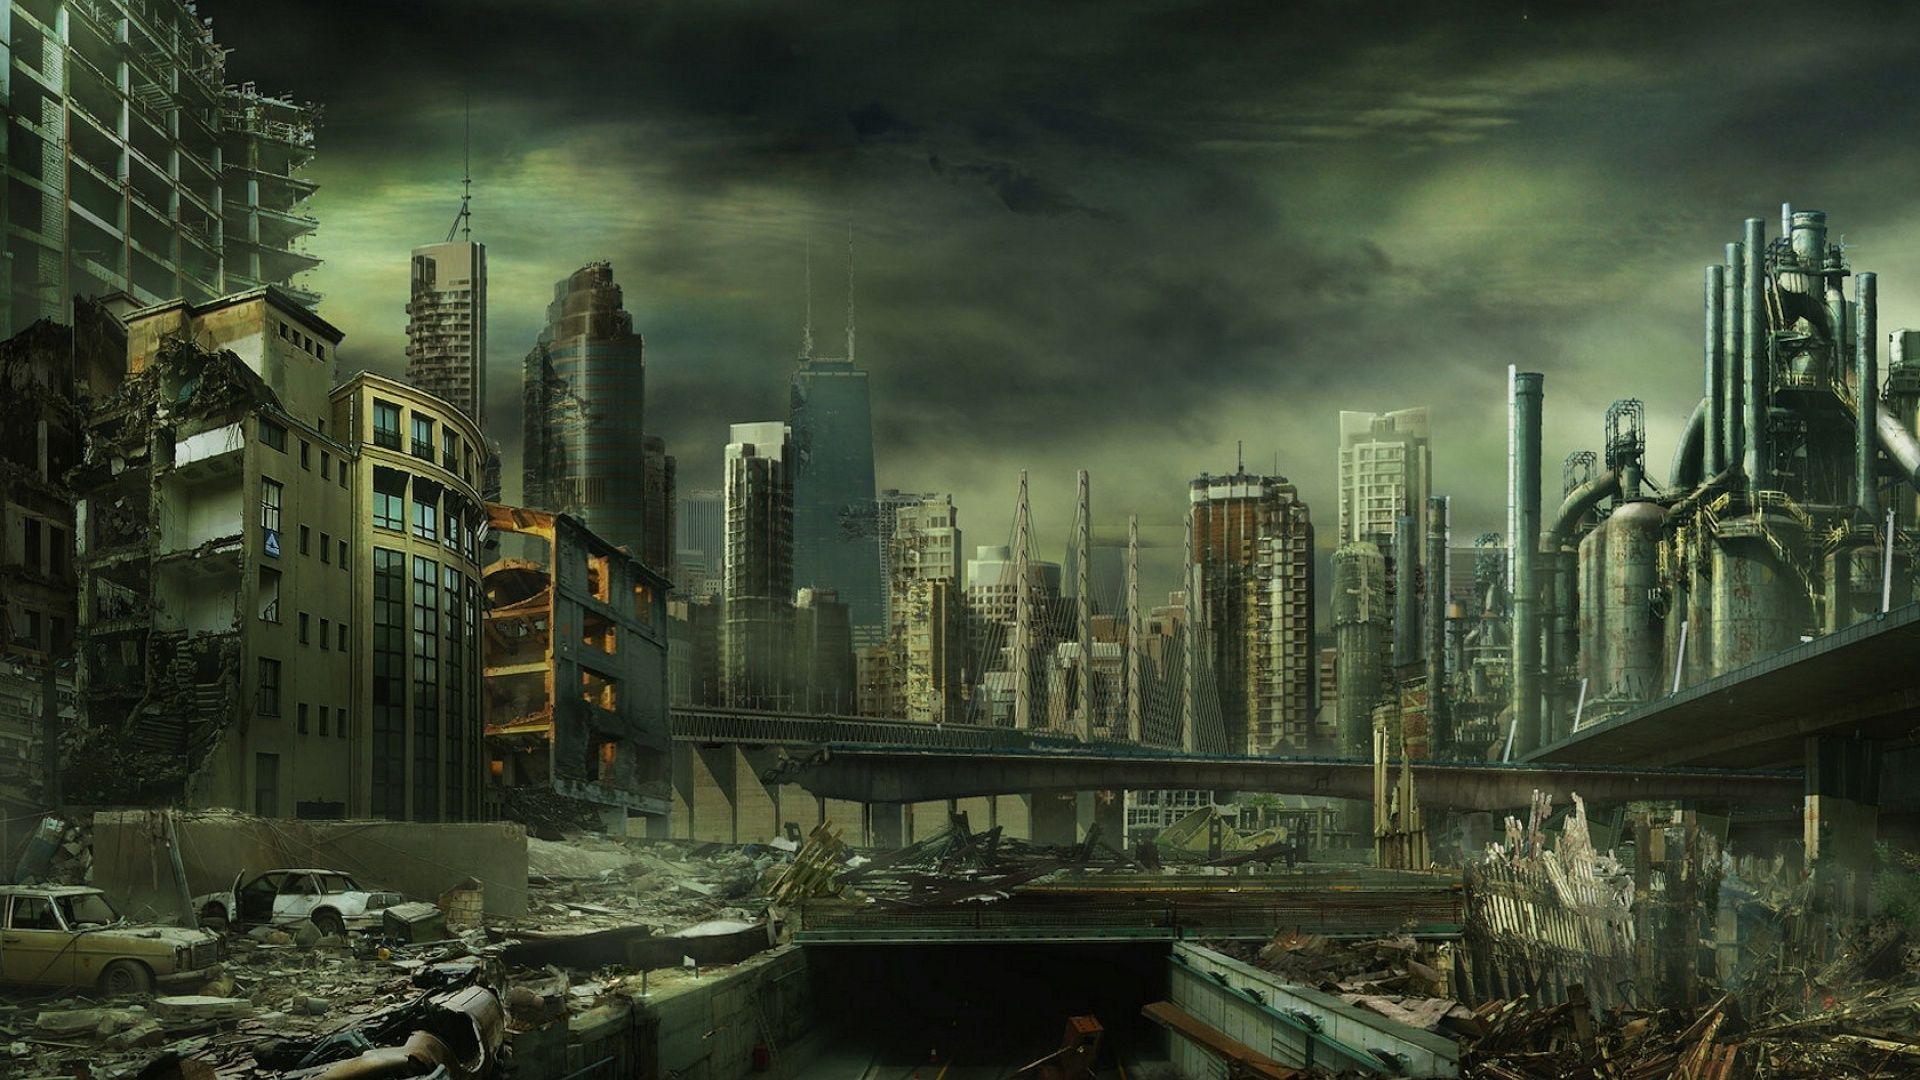 Http Www Wallfizz Com Art Design Desastre Et Catastrophe 5857 Megapole Detruite Wallfizz Jp Paysage Apocalyptique L Art Post Apocalyptique Fond Ecran Gratuit